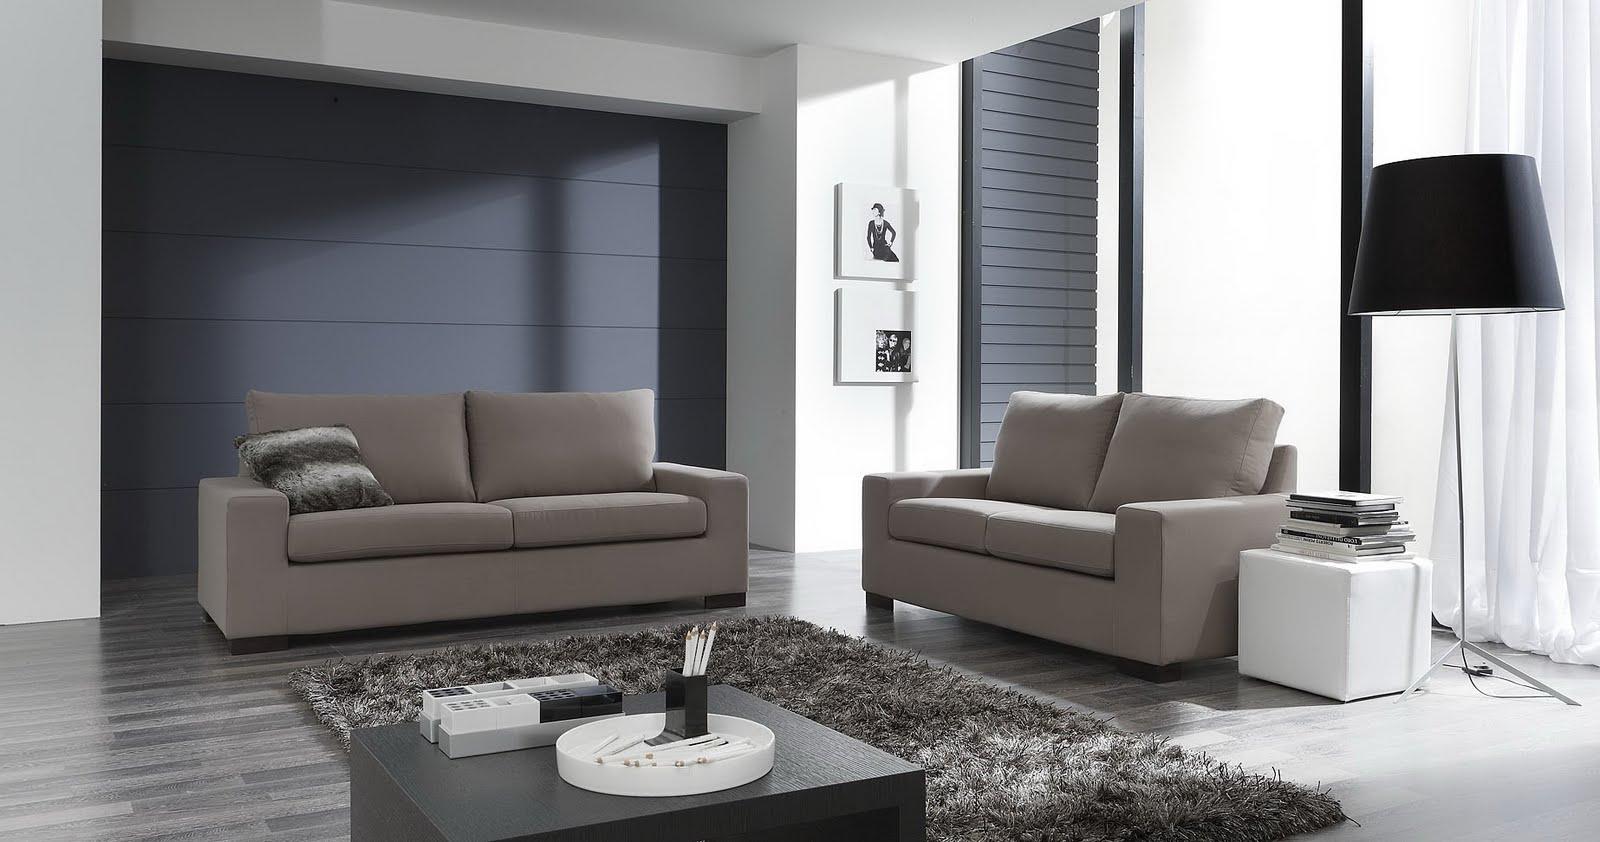 Divani blog tino mariani collezione di divani e for Collezione divani e divani